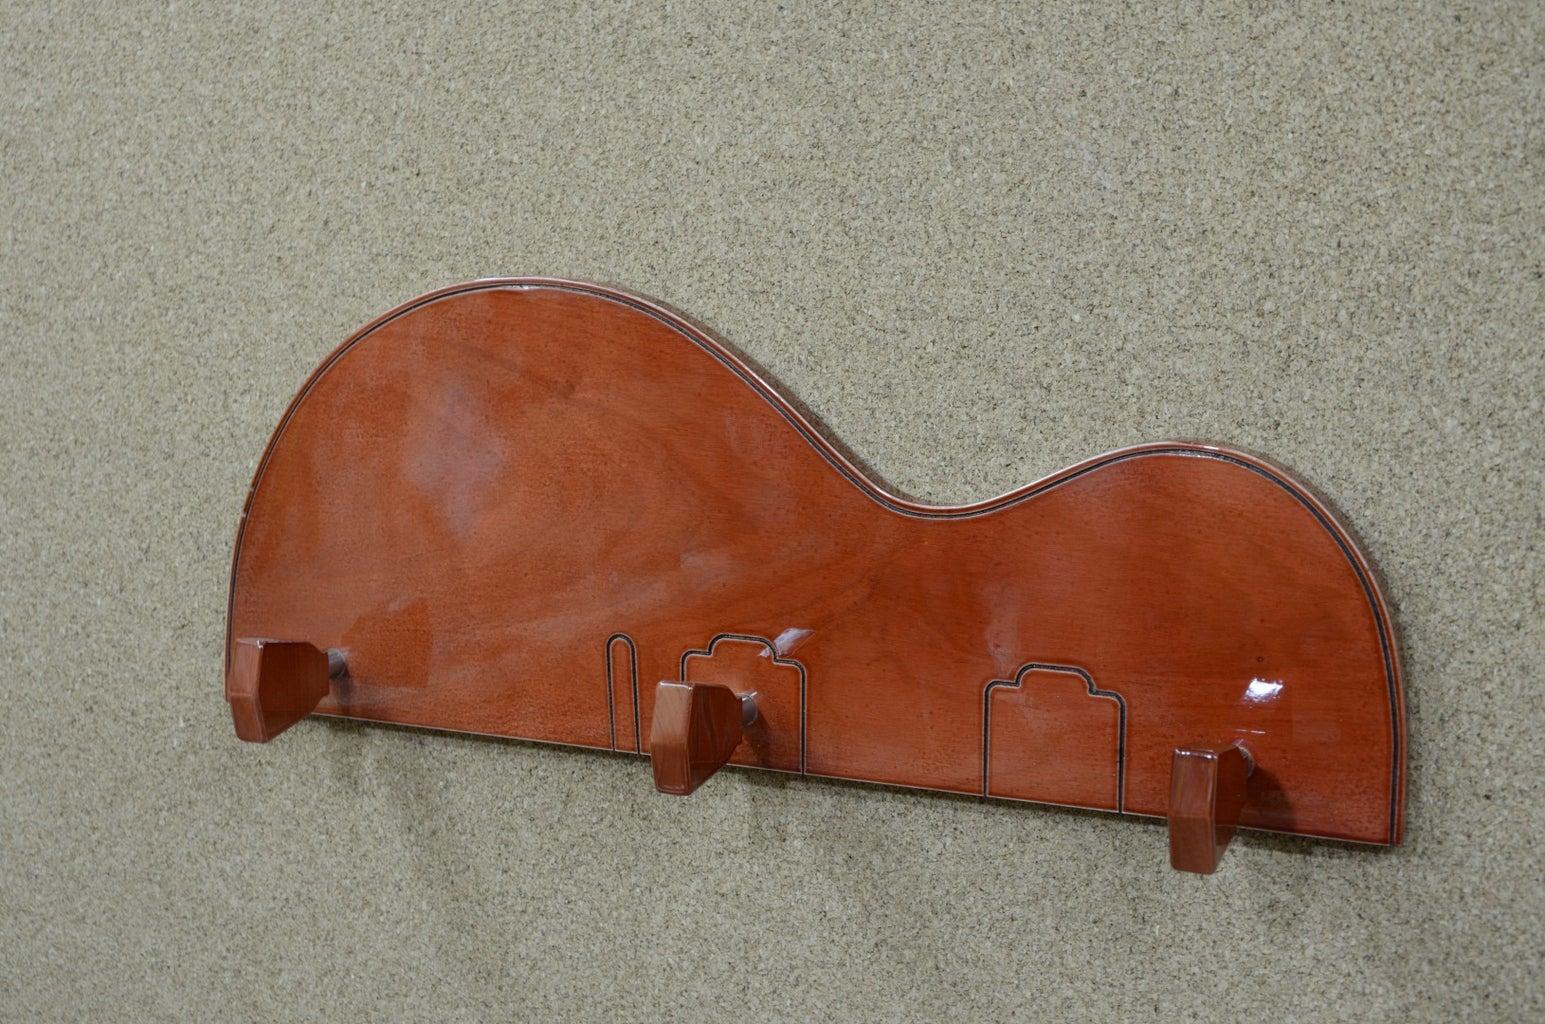 Violin/Guitar Clothes Hanger